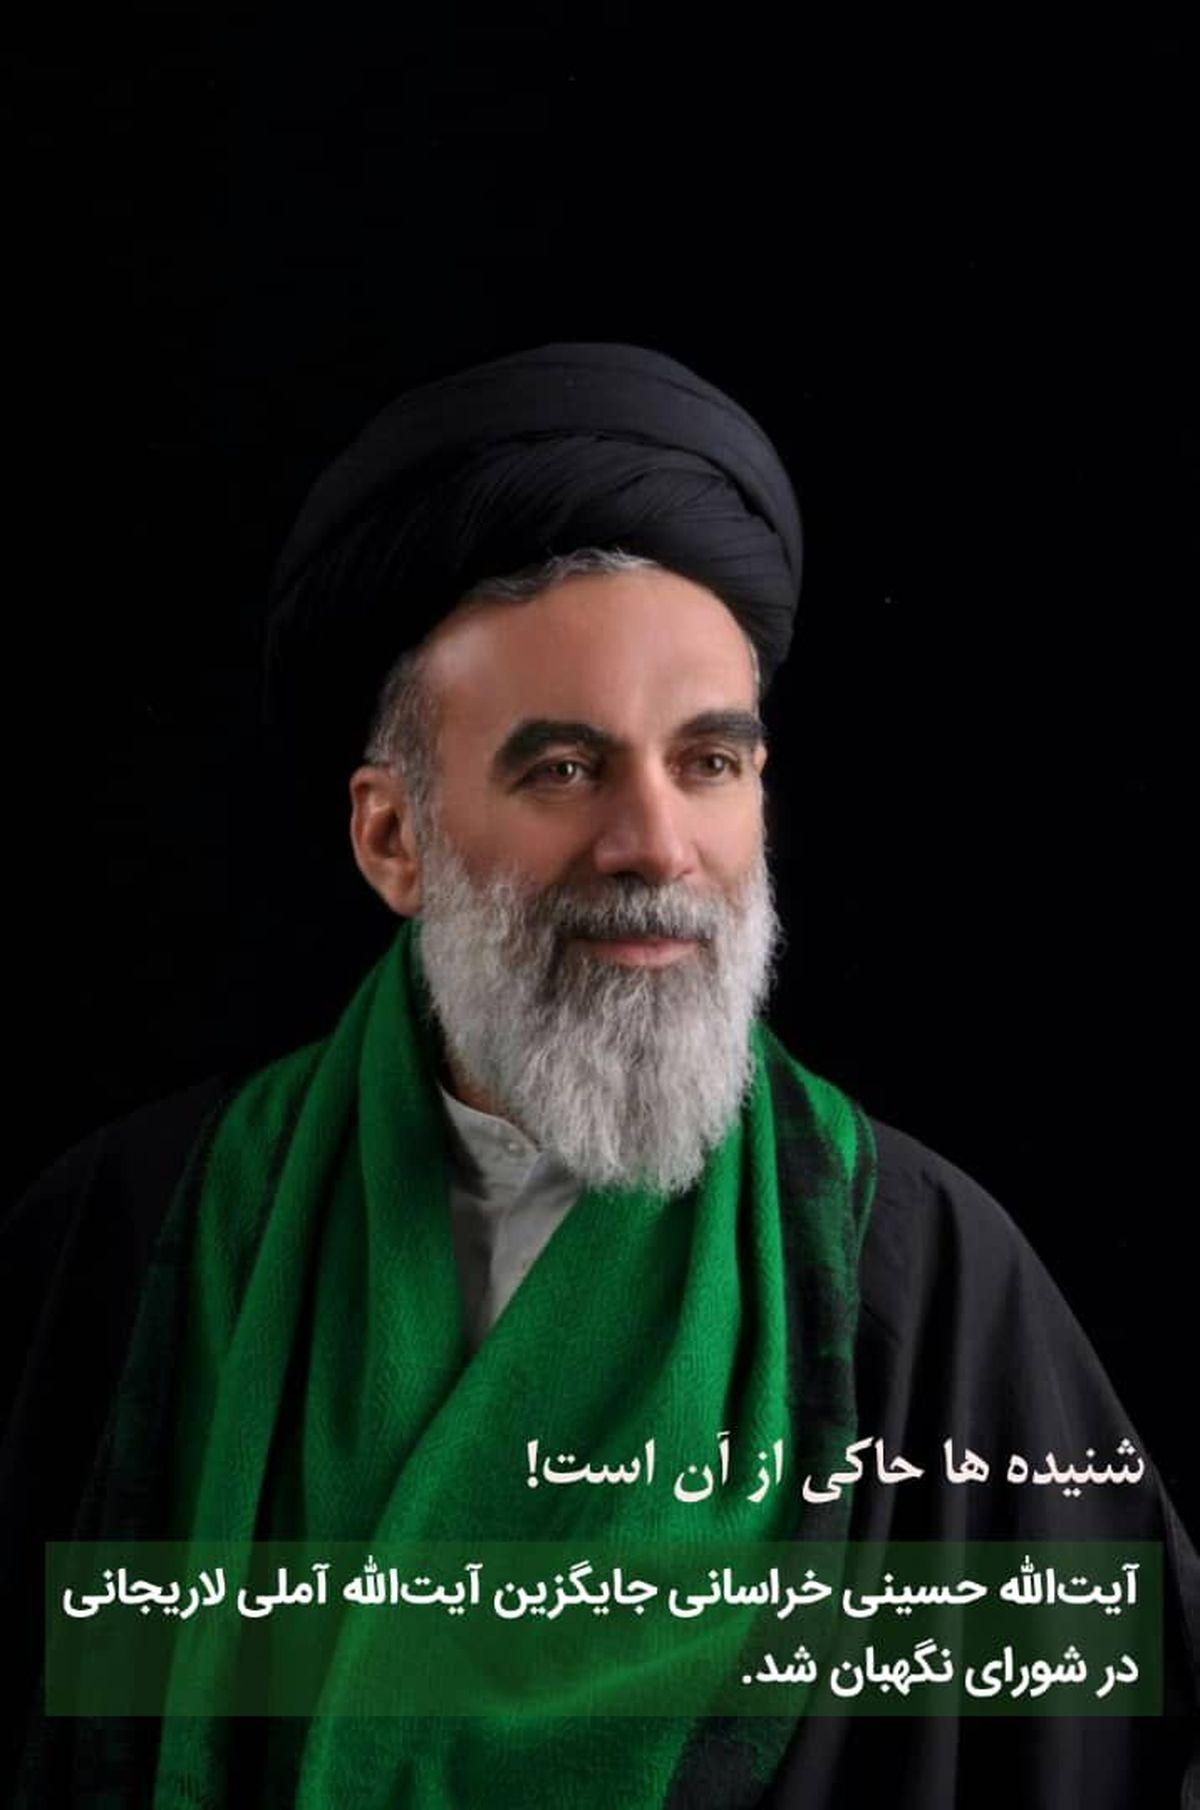 جایگزین آملی لاریجانی در شورای نگهبان کیست؟